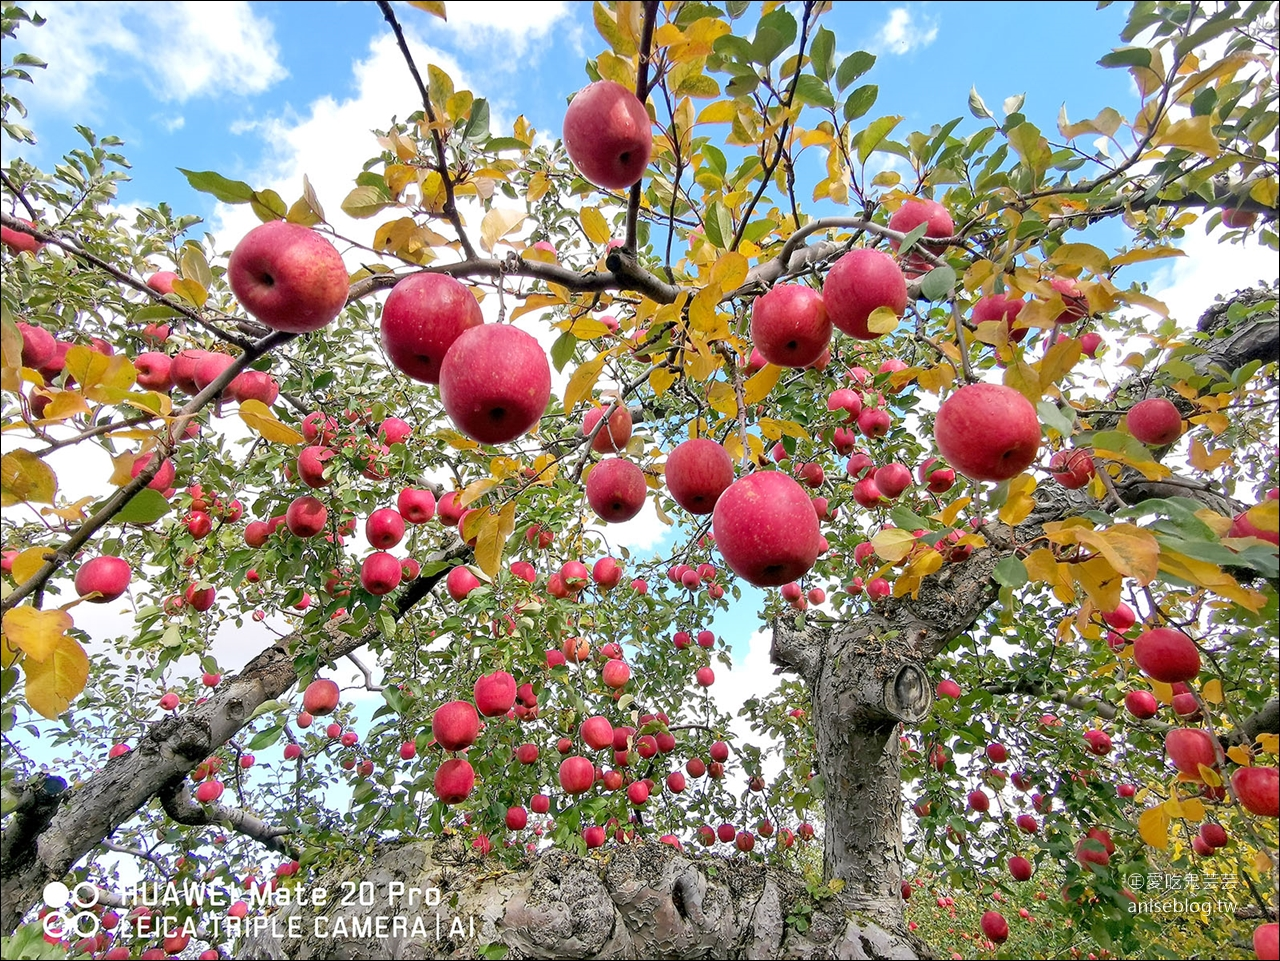 青森半日遊 | 青森觀光果園採蘋果、睡魔之家、長尾中華拉麵、A factory伴手禮採買 @愛吃鬼芸芸